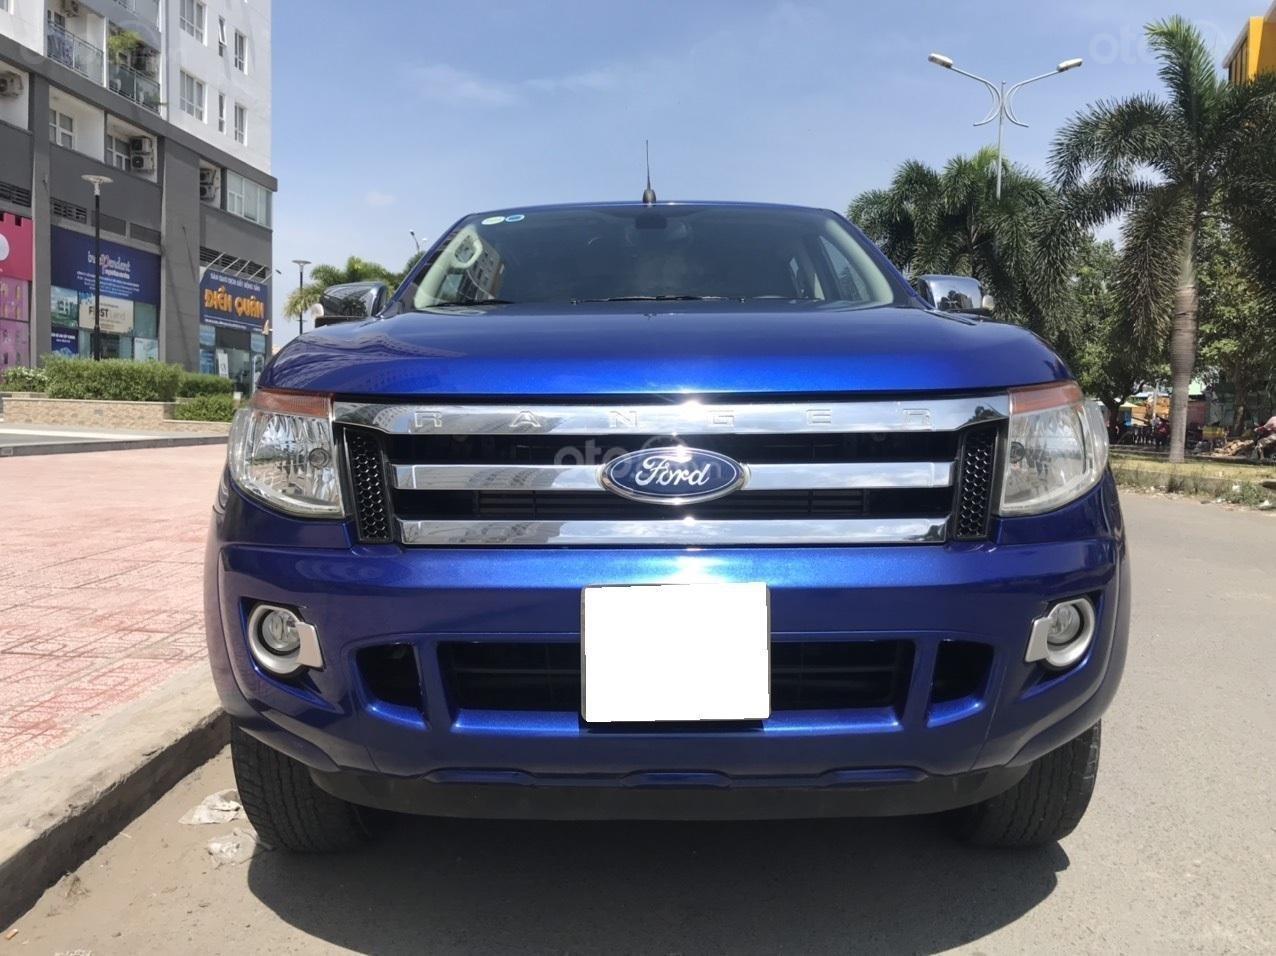 Cần bán Ford Ranger bản XLT MT 2.5L, đời 2015, giá chỉ 485 triệu đồng (4)